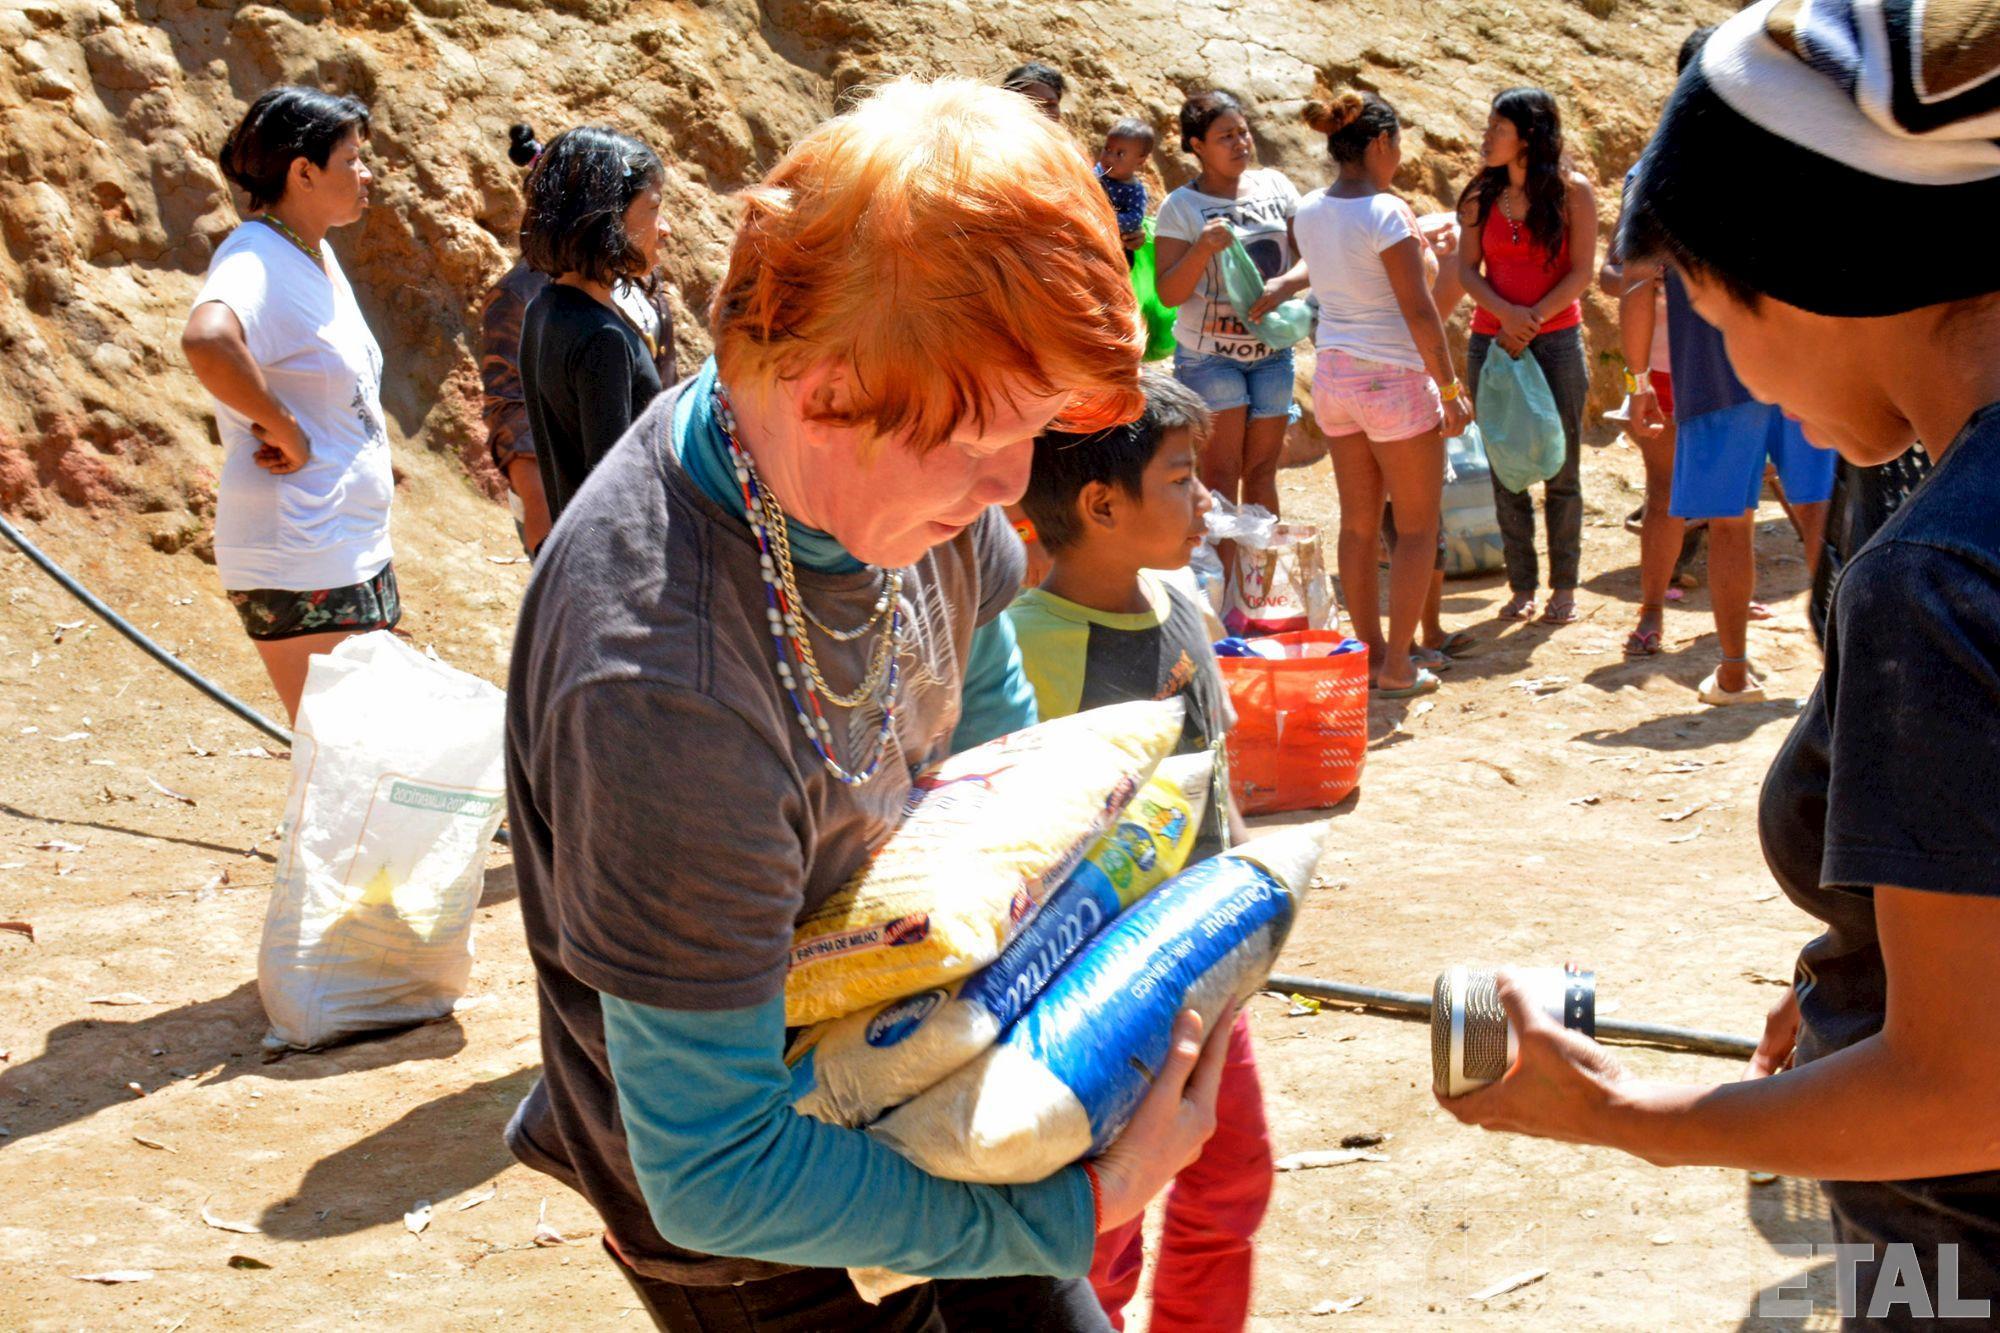 Aldeia indígena guarani-MBya,  em Tapiraí, Aldeia,  indígena,  guarani,  ação. banco,  alimentos,  doação,  tapiraí, Foguinho/Imprensa SMetal, Os desafios de uma aldeia guarani cercada por eucaliptos